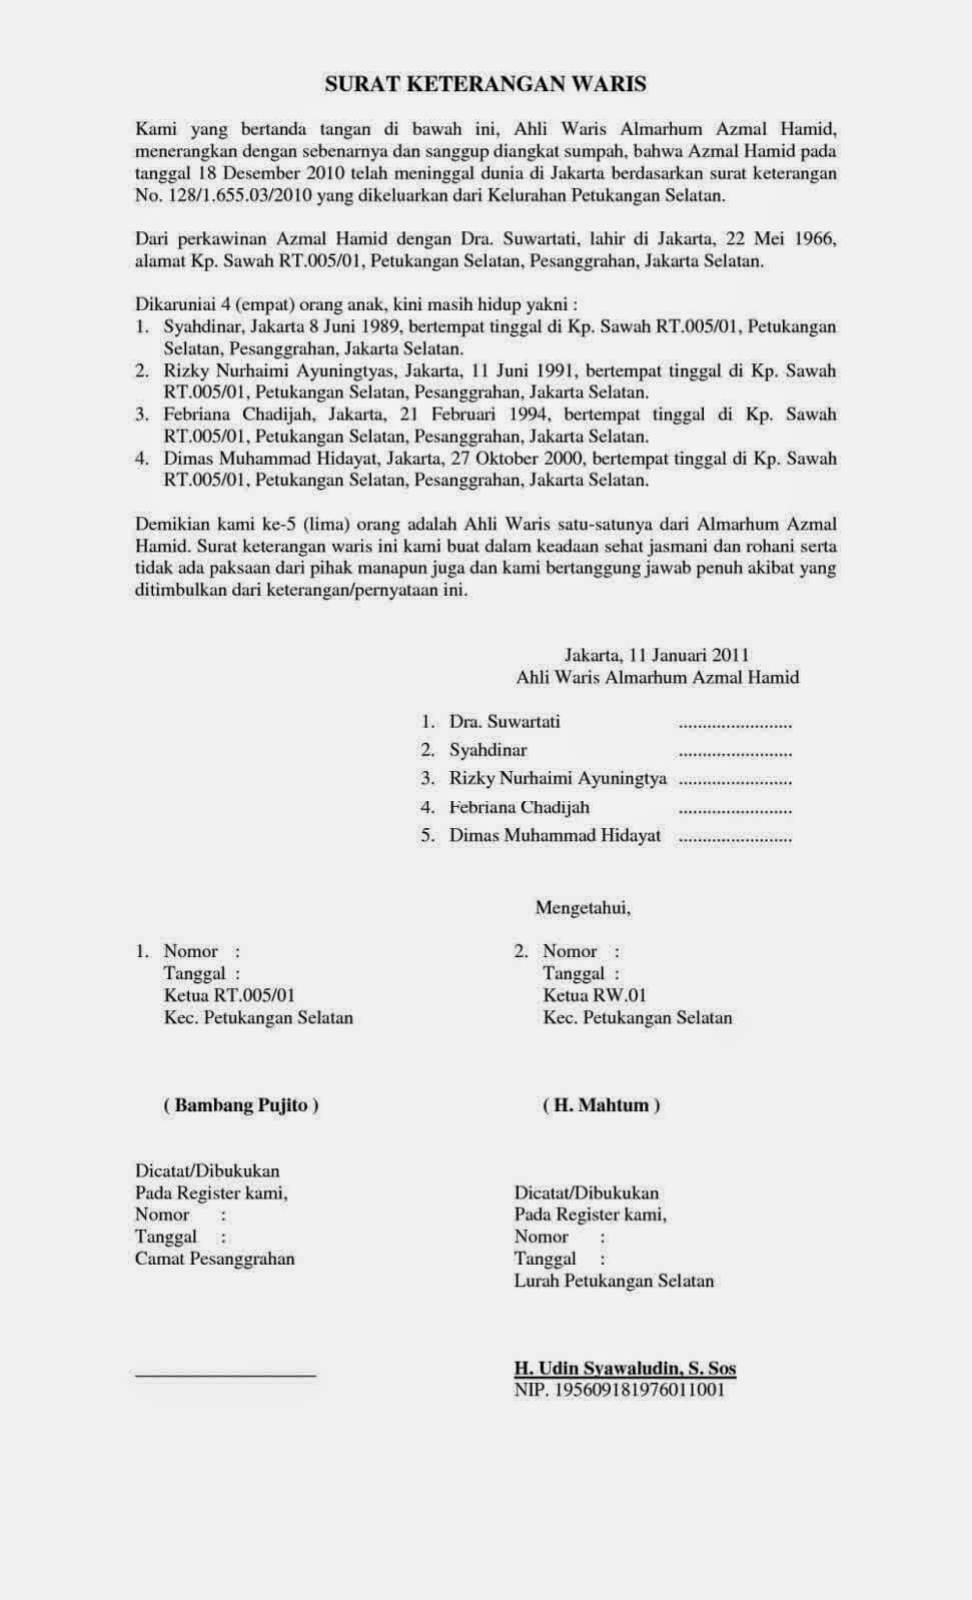 Contoh Surat Keterangan Ahli Waris Untuk Bpjs